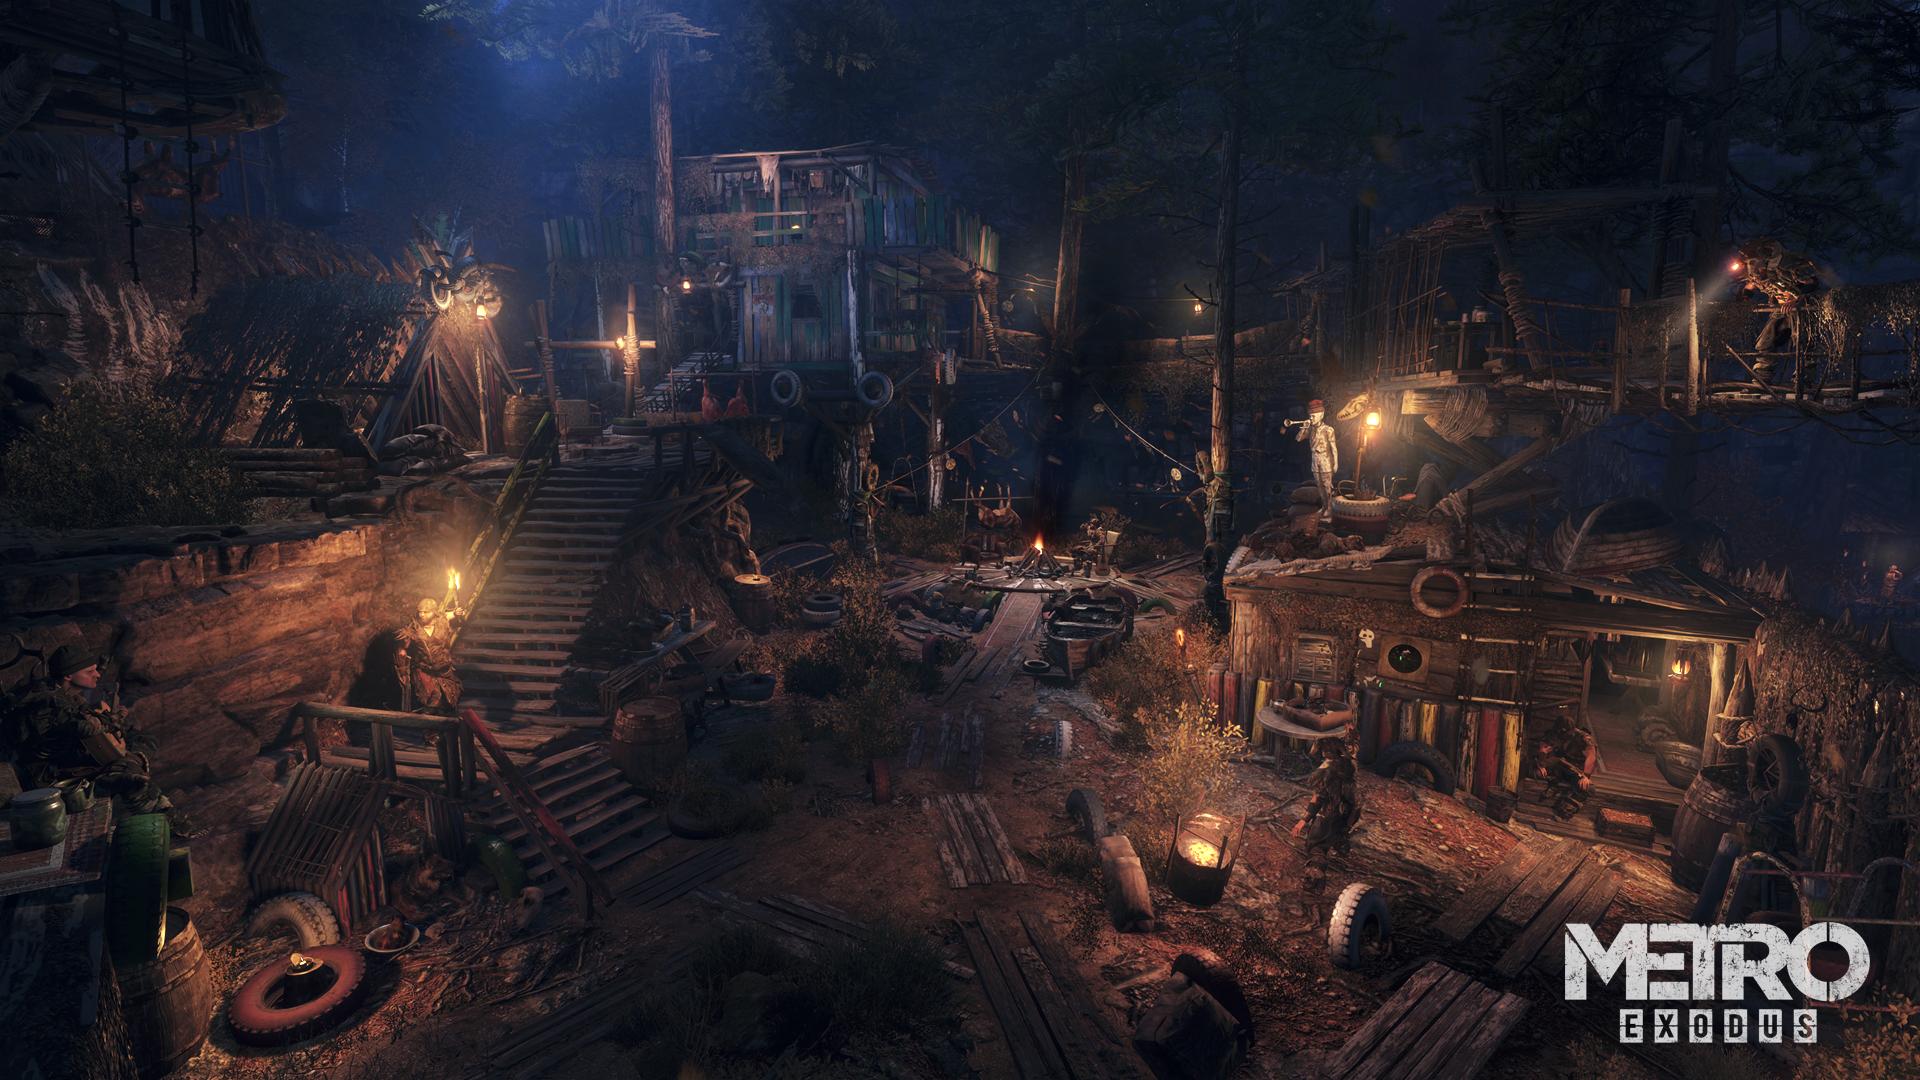 Разработчики обещают масштабные изменения со времен Metro 2033 и Metro: Last Light